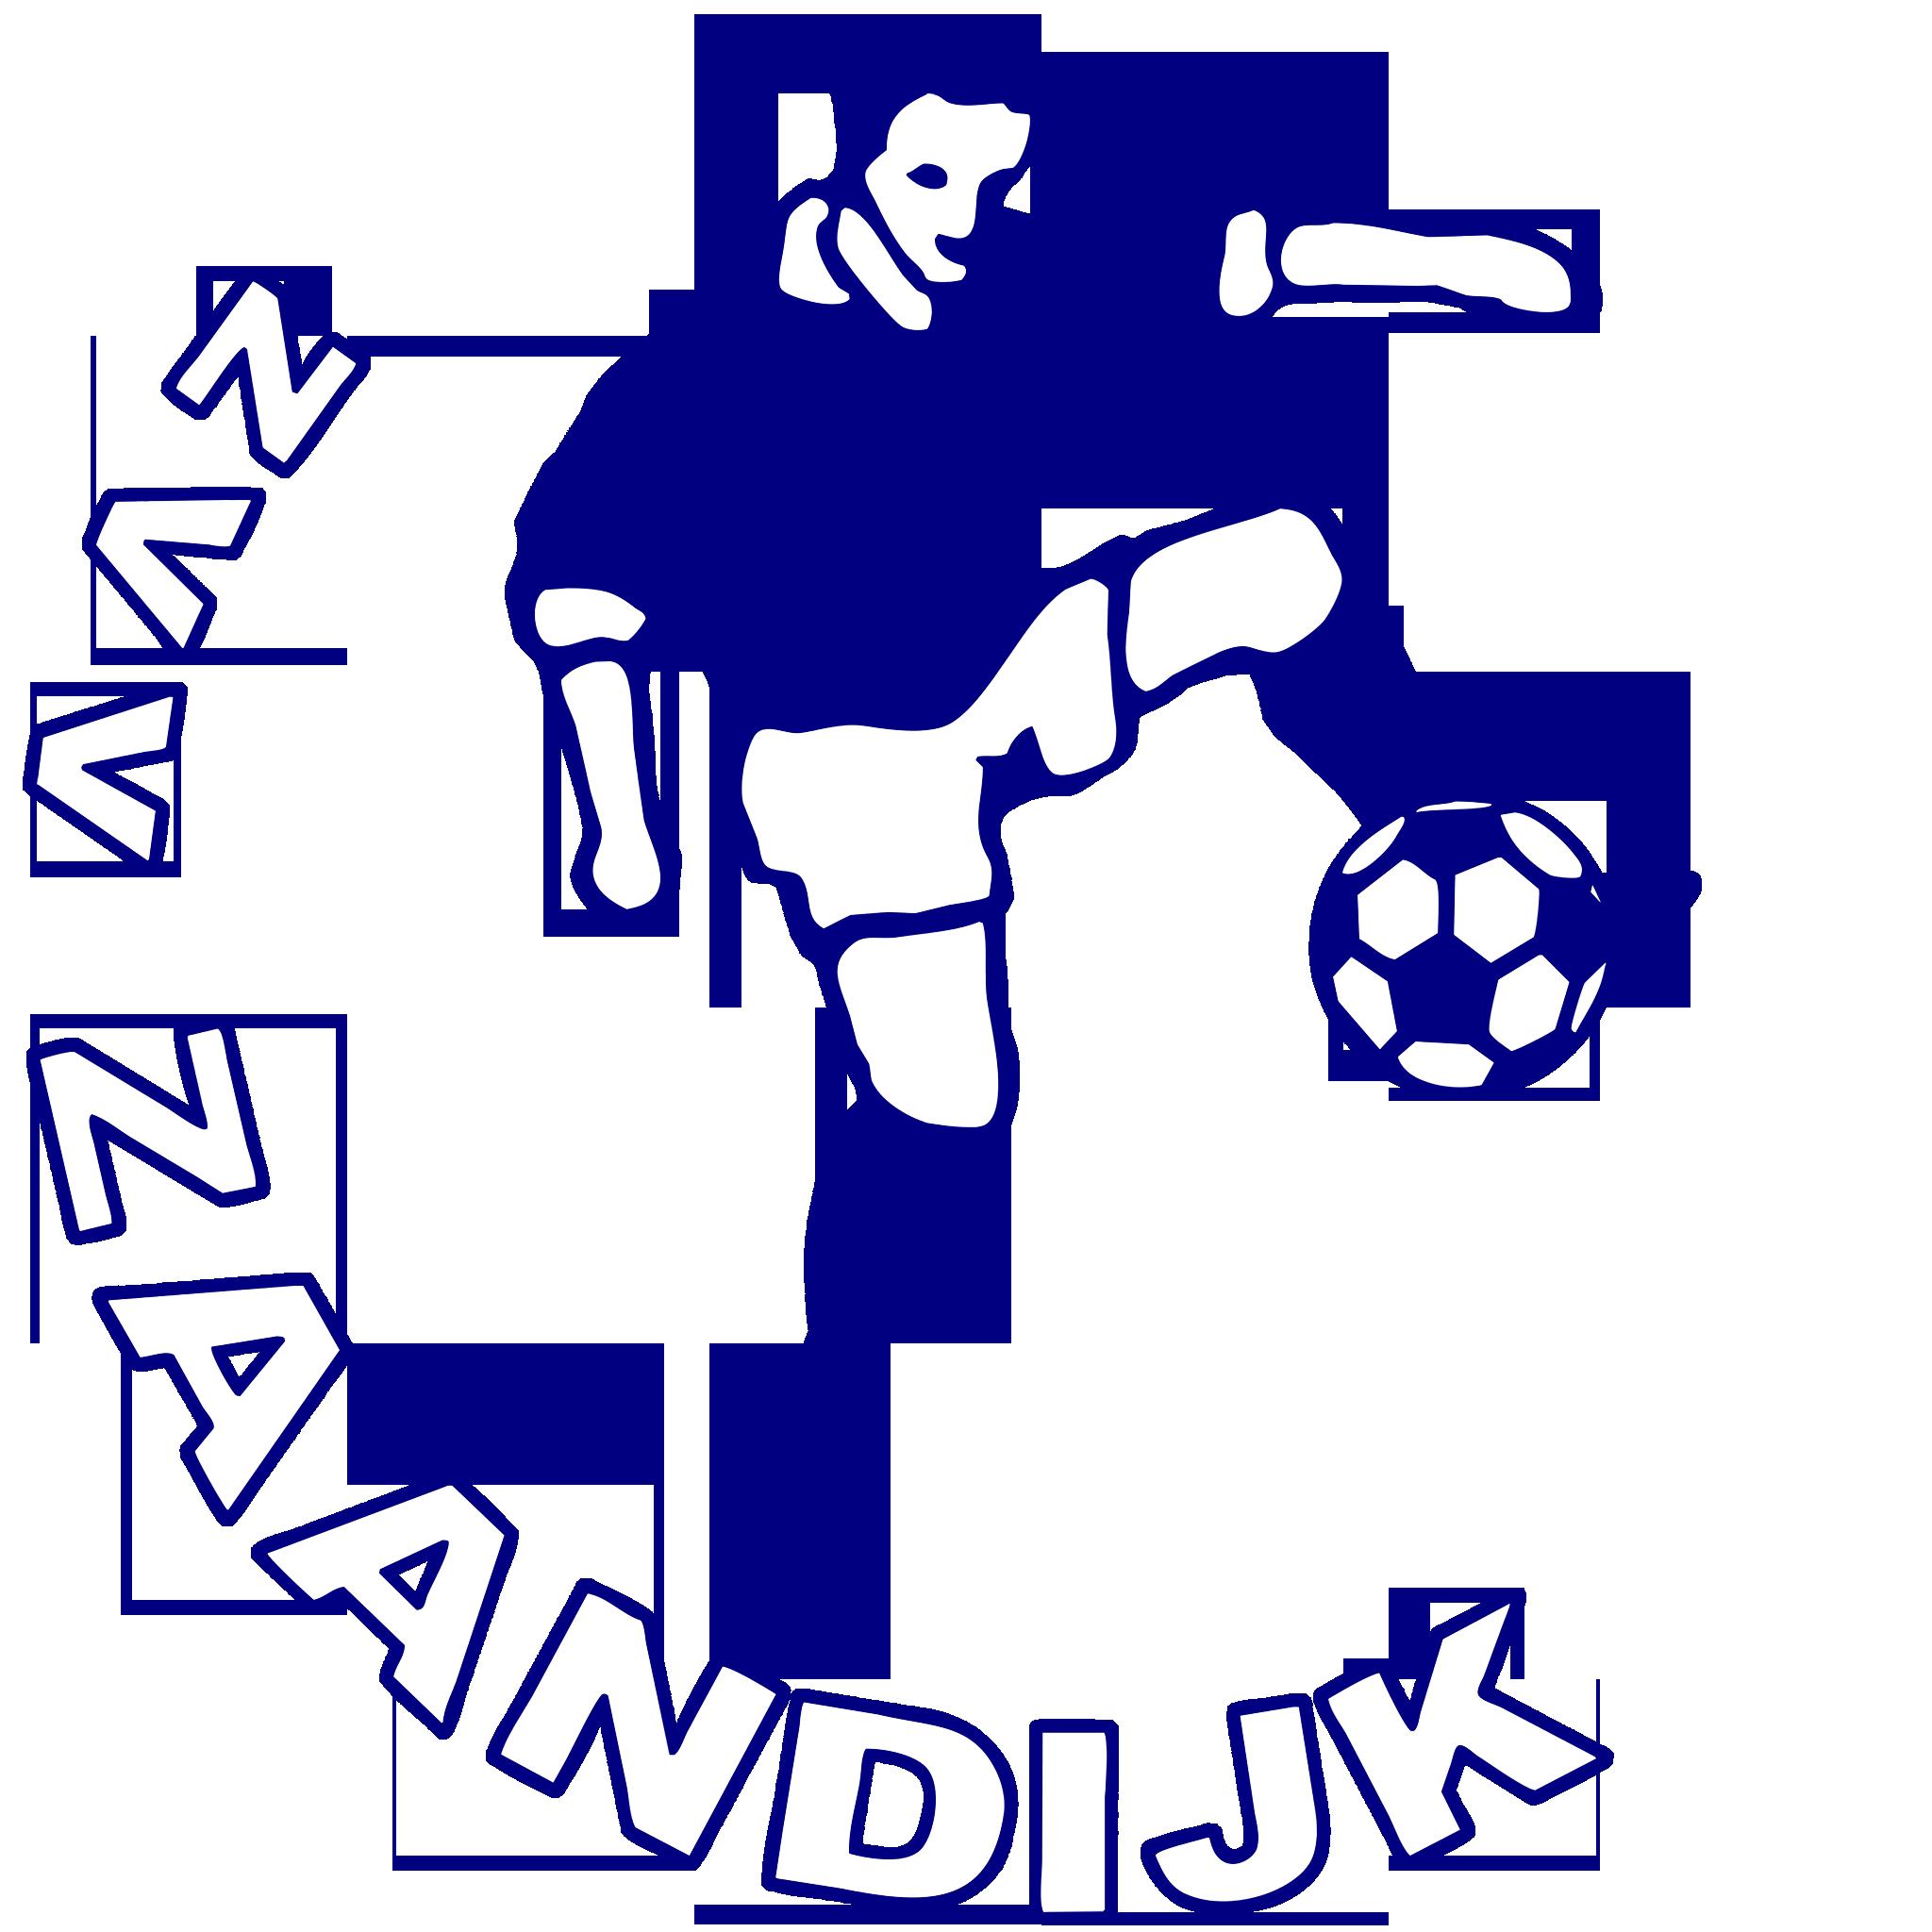 zvvzaandijk-logo